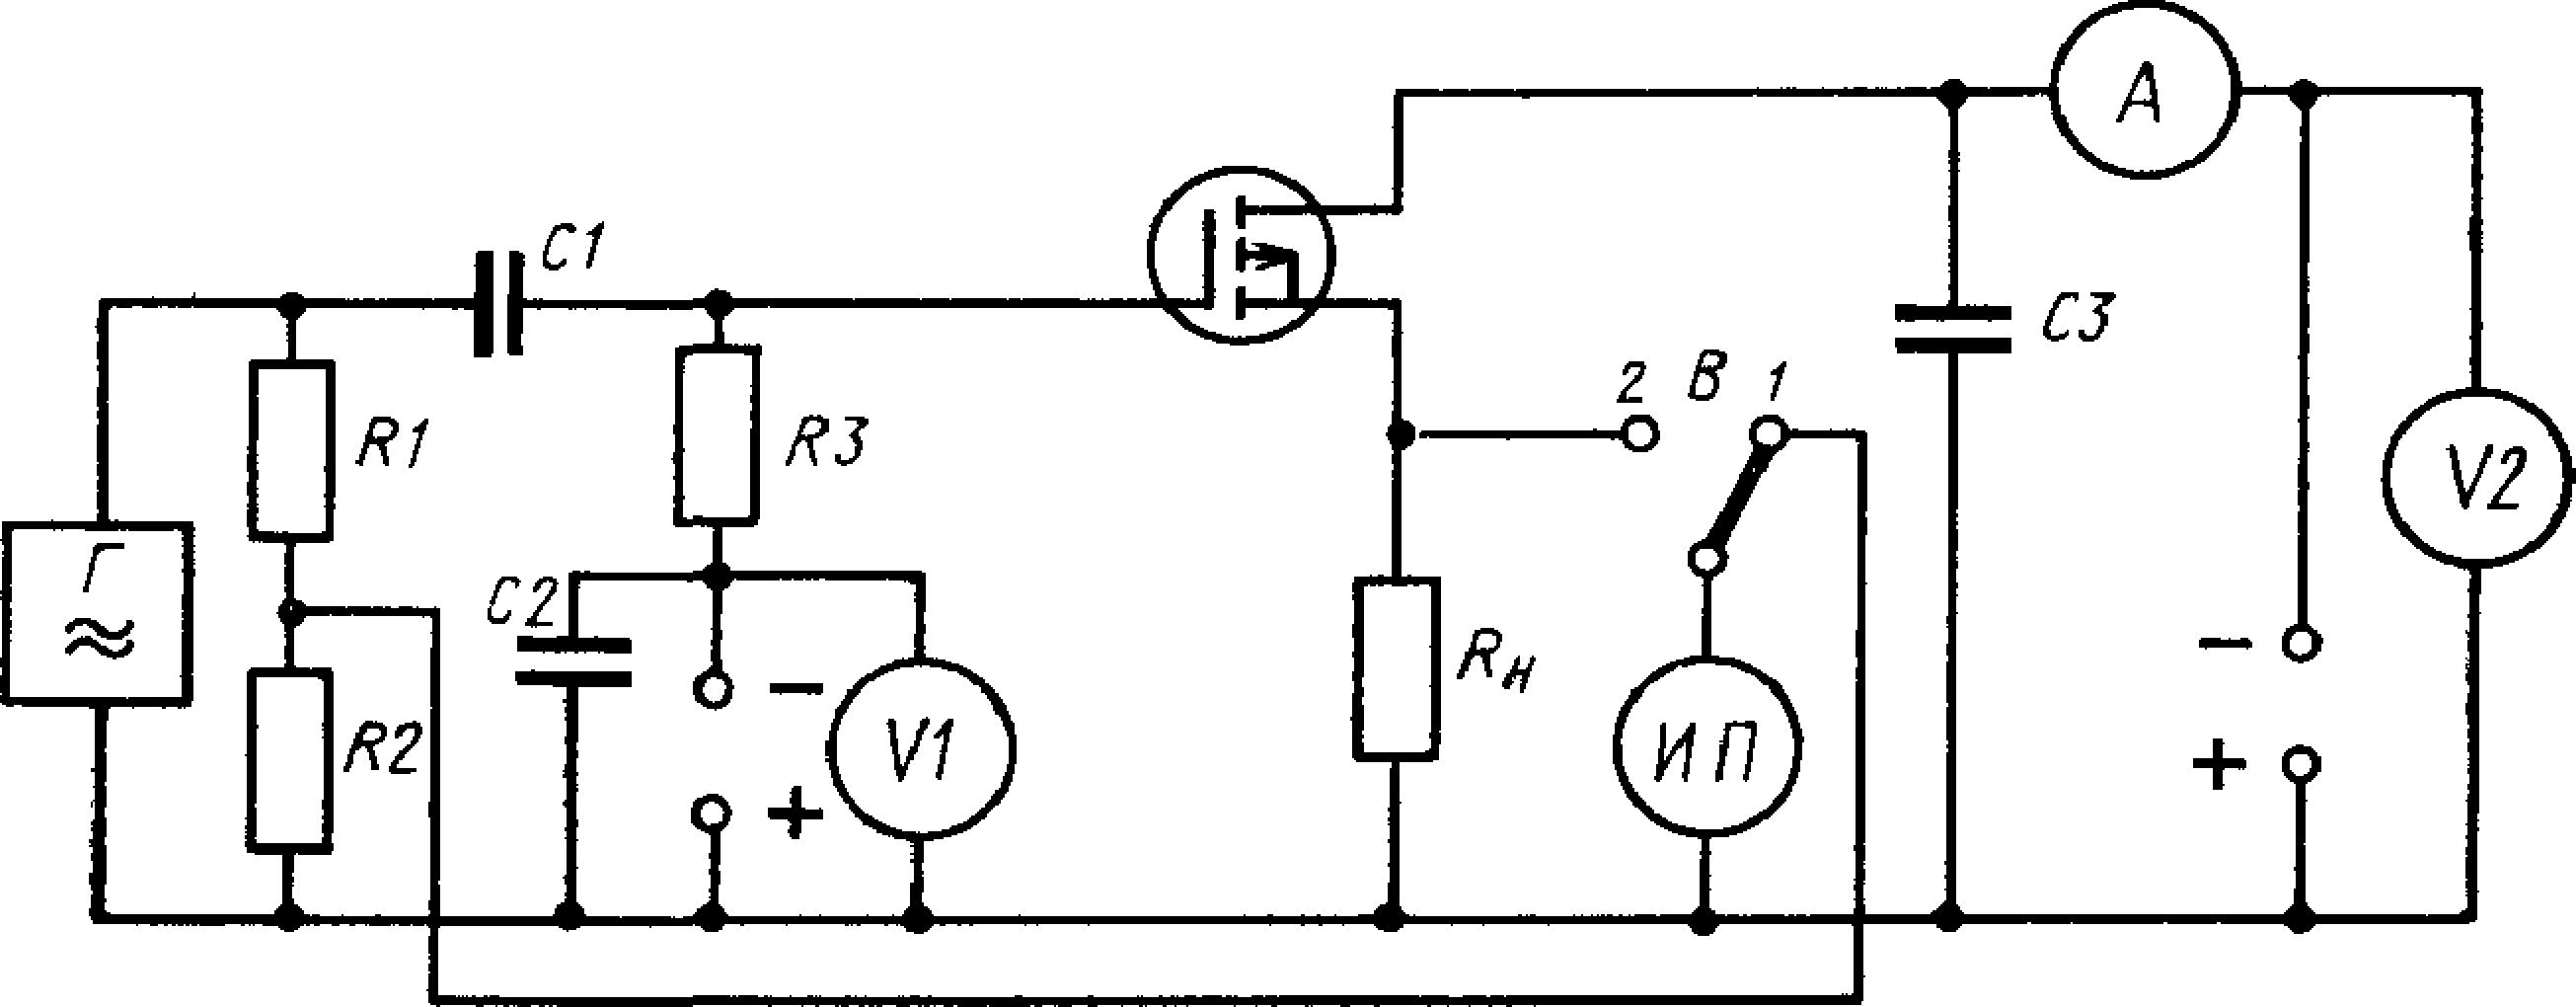 Легкое описание простым языком для чайников принципа работы полевого транзистора, его видов и применения